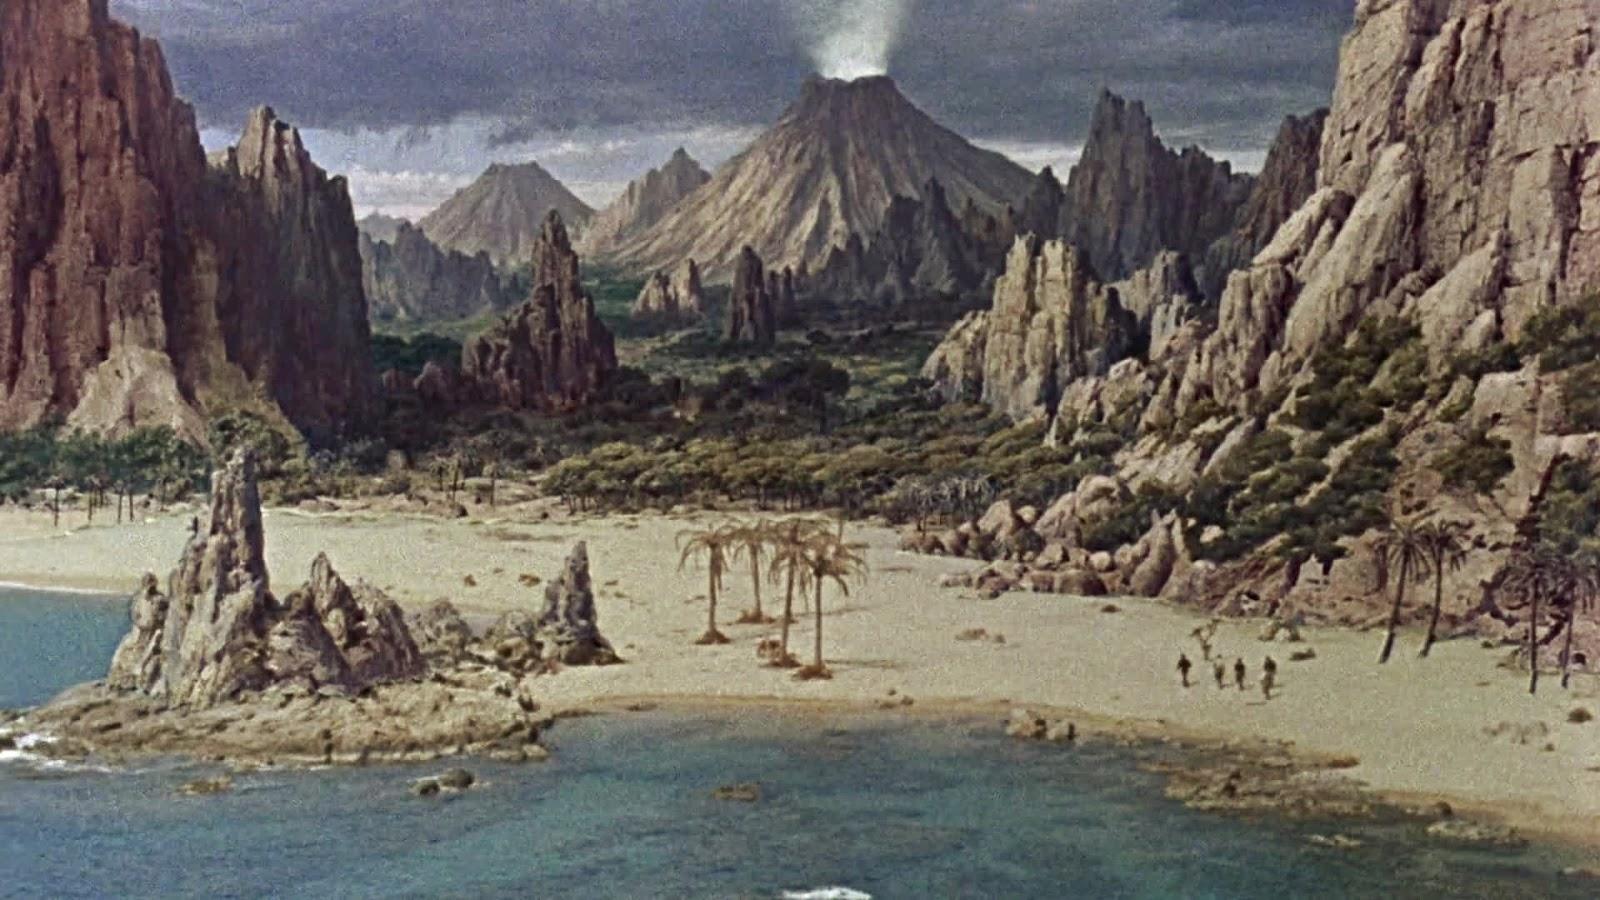 жюль верн картинки острова своих близких друзей